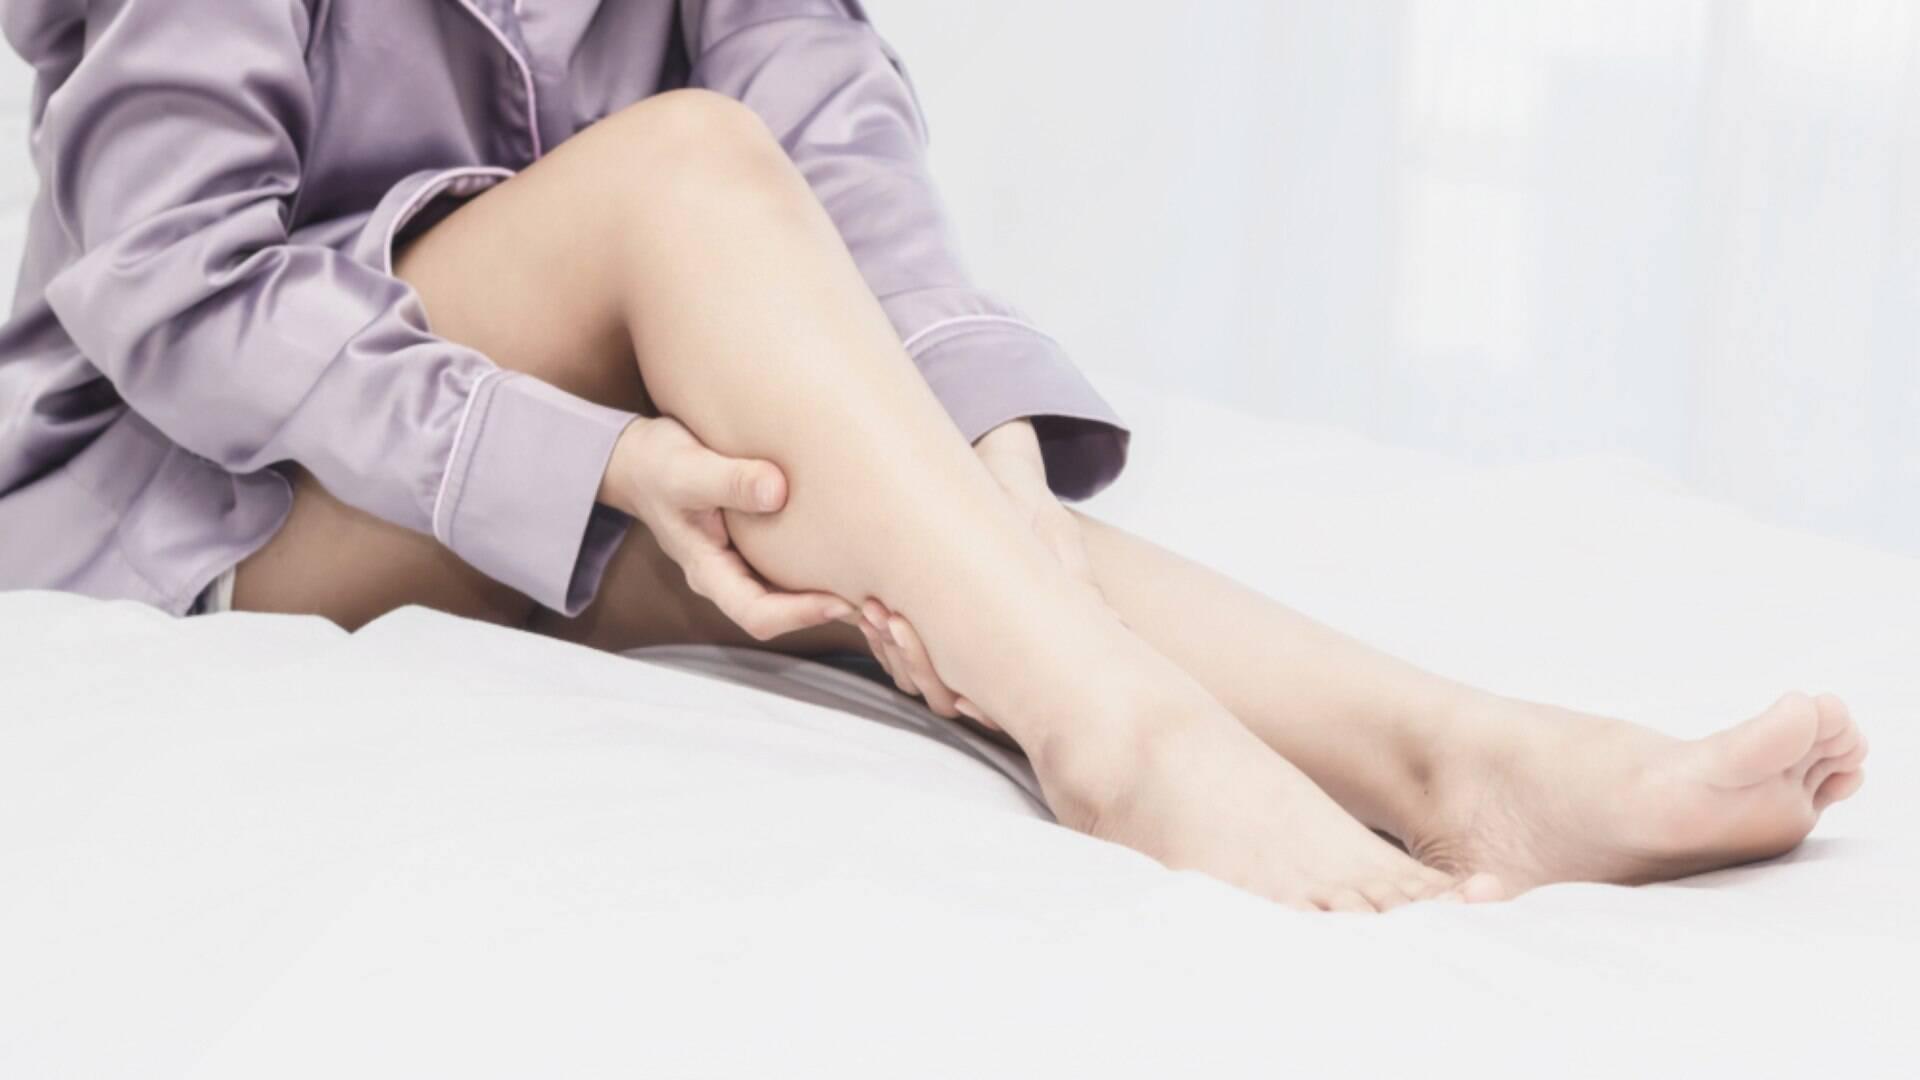 Distribuição lateral da dor do nervo cutâneo femoral